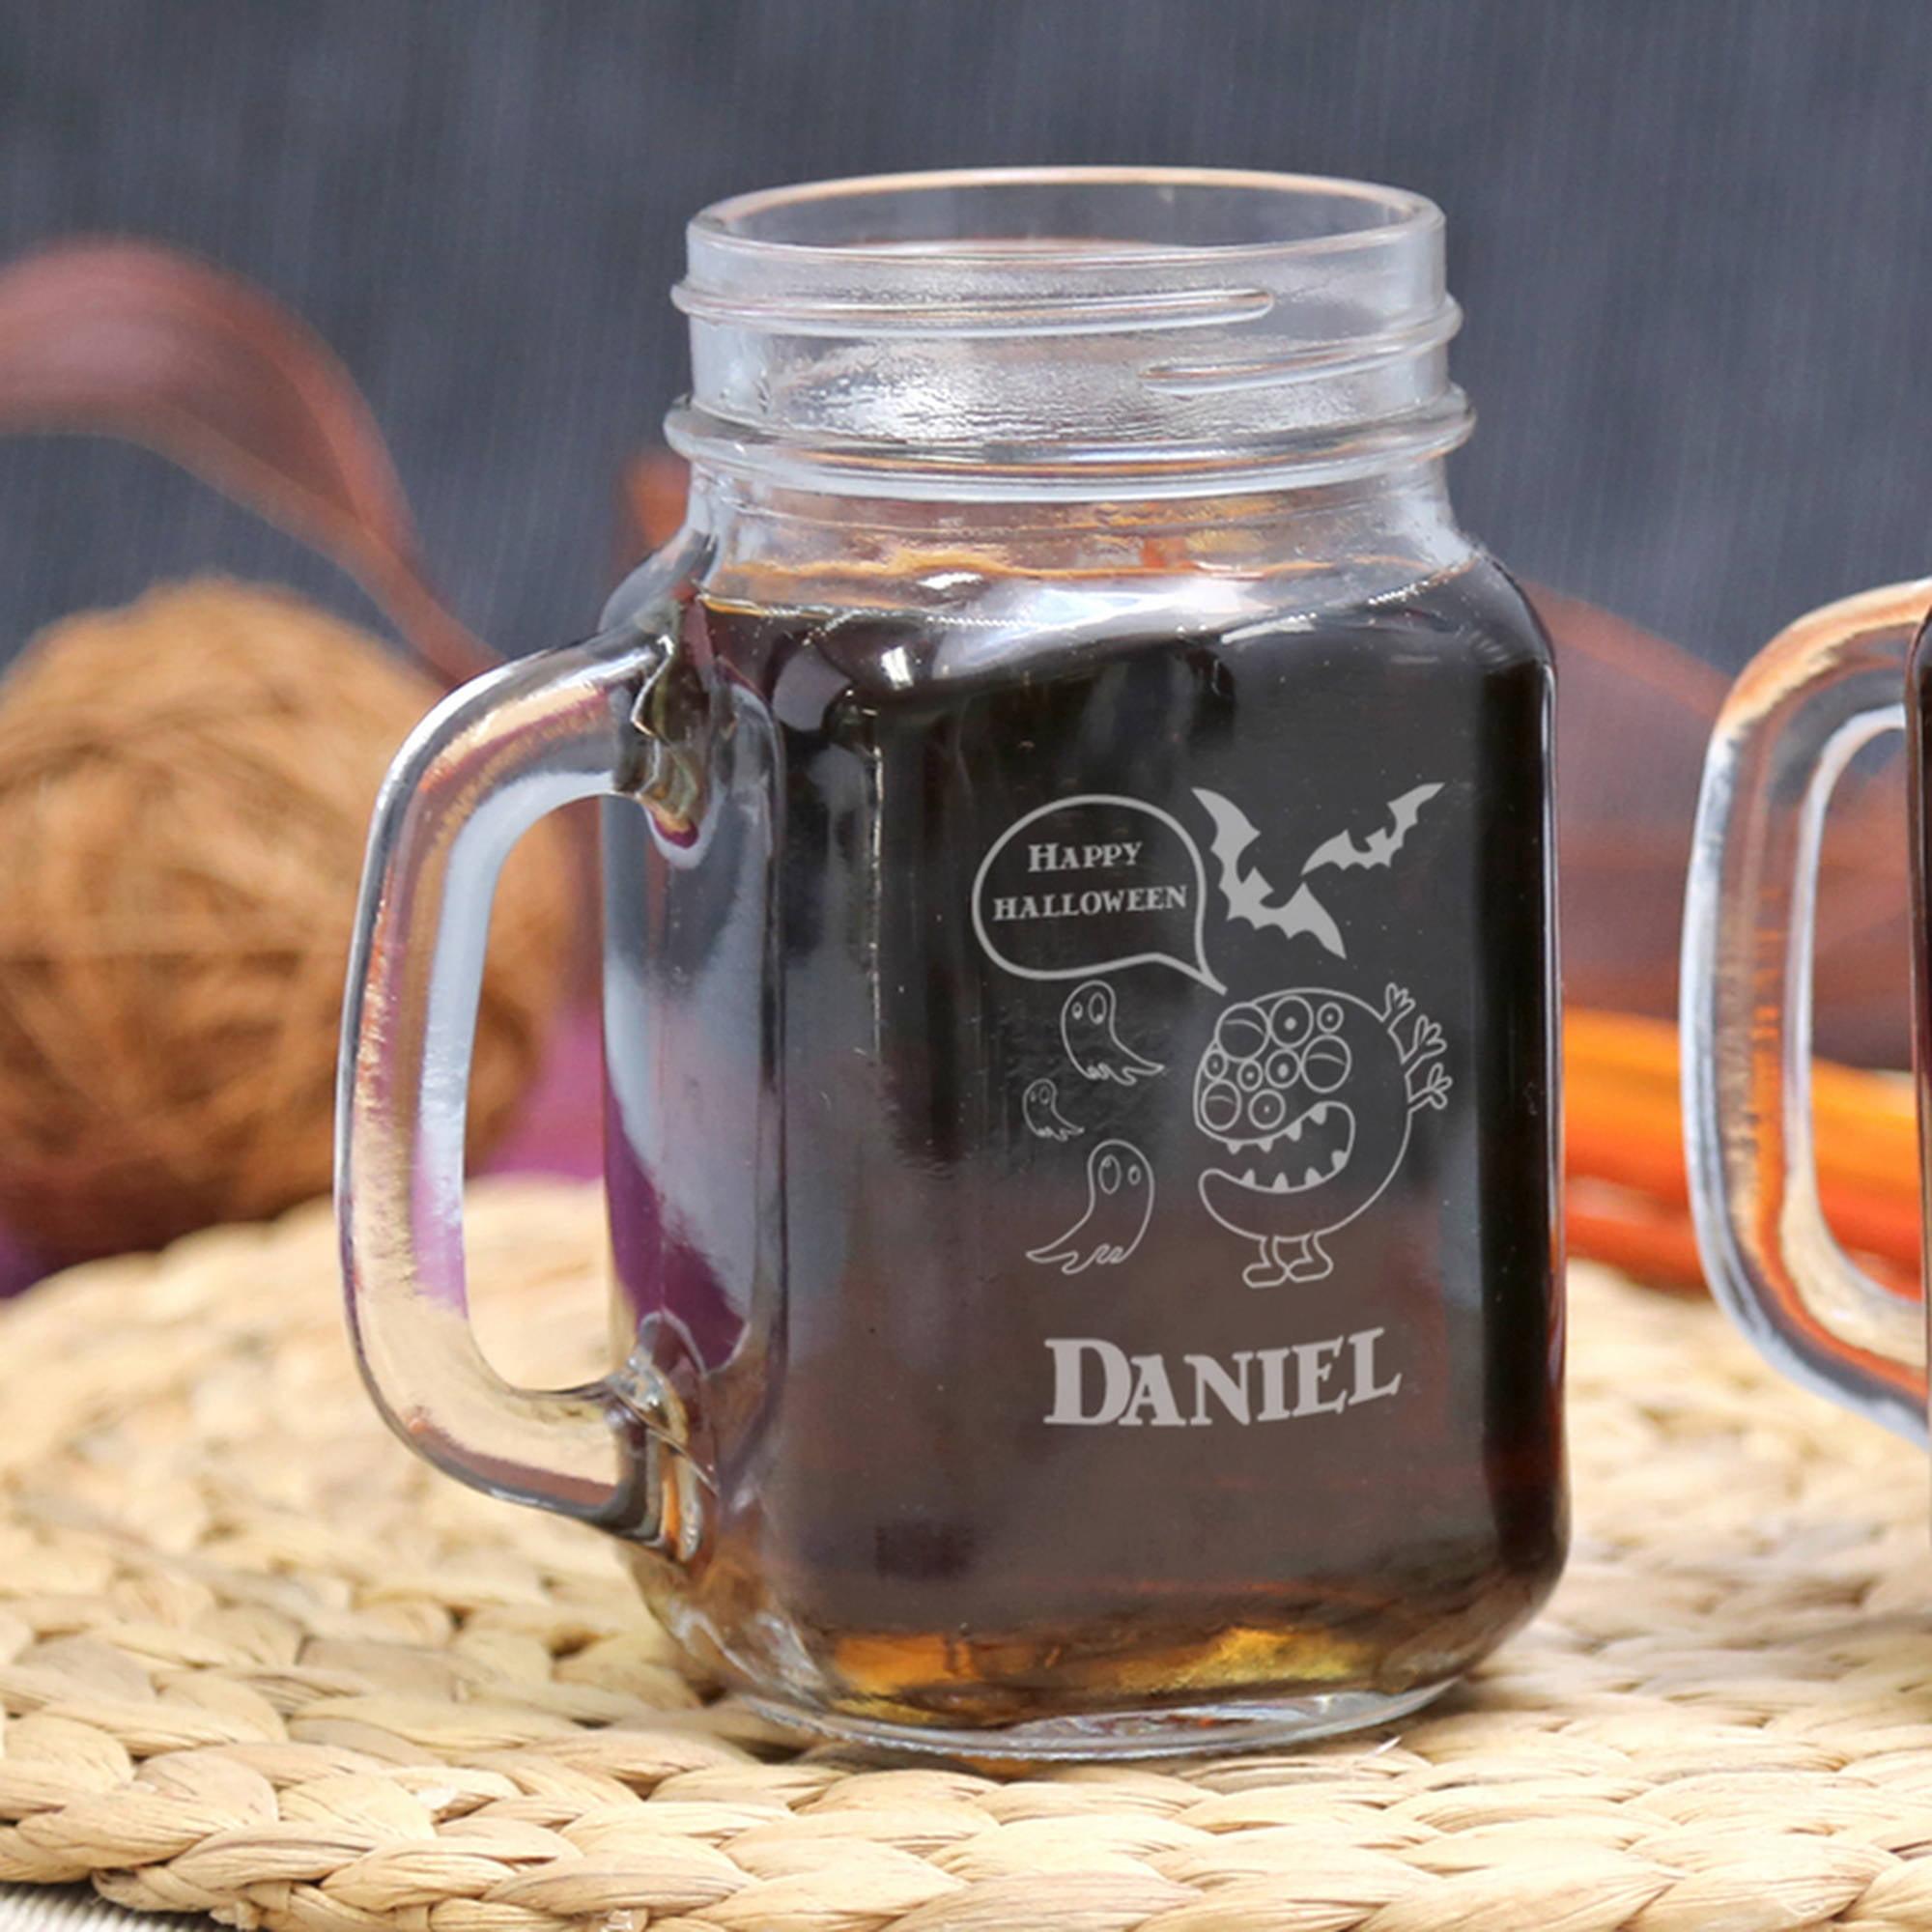 Personalized Halloween Glass Jar, Holds, 15 oz